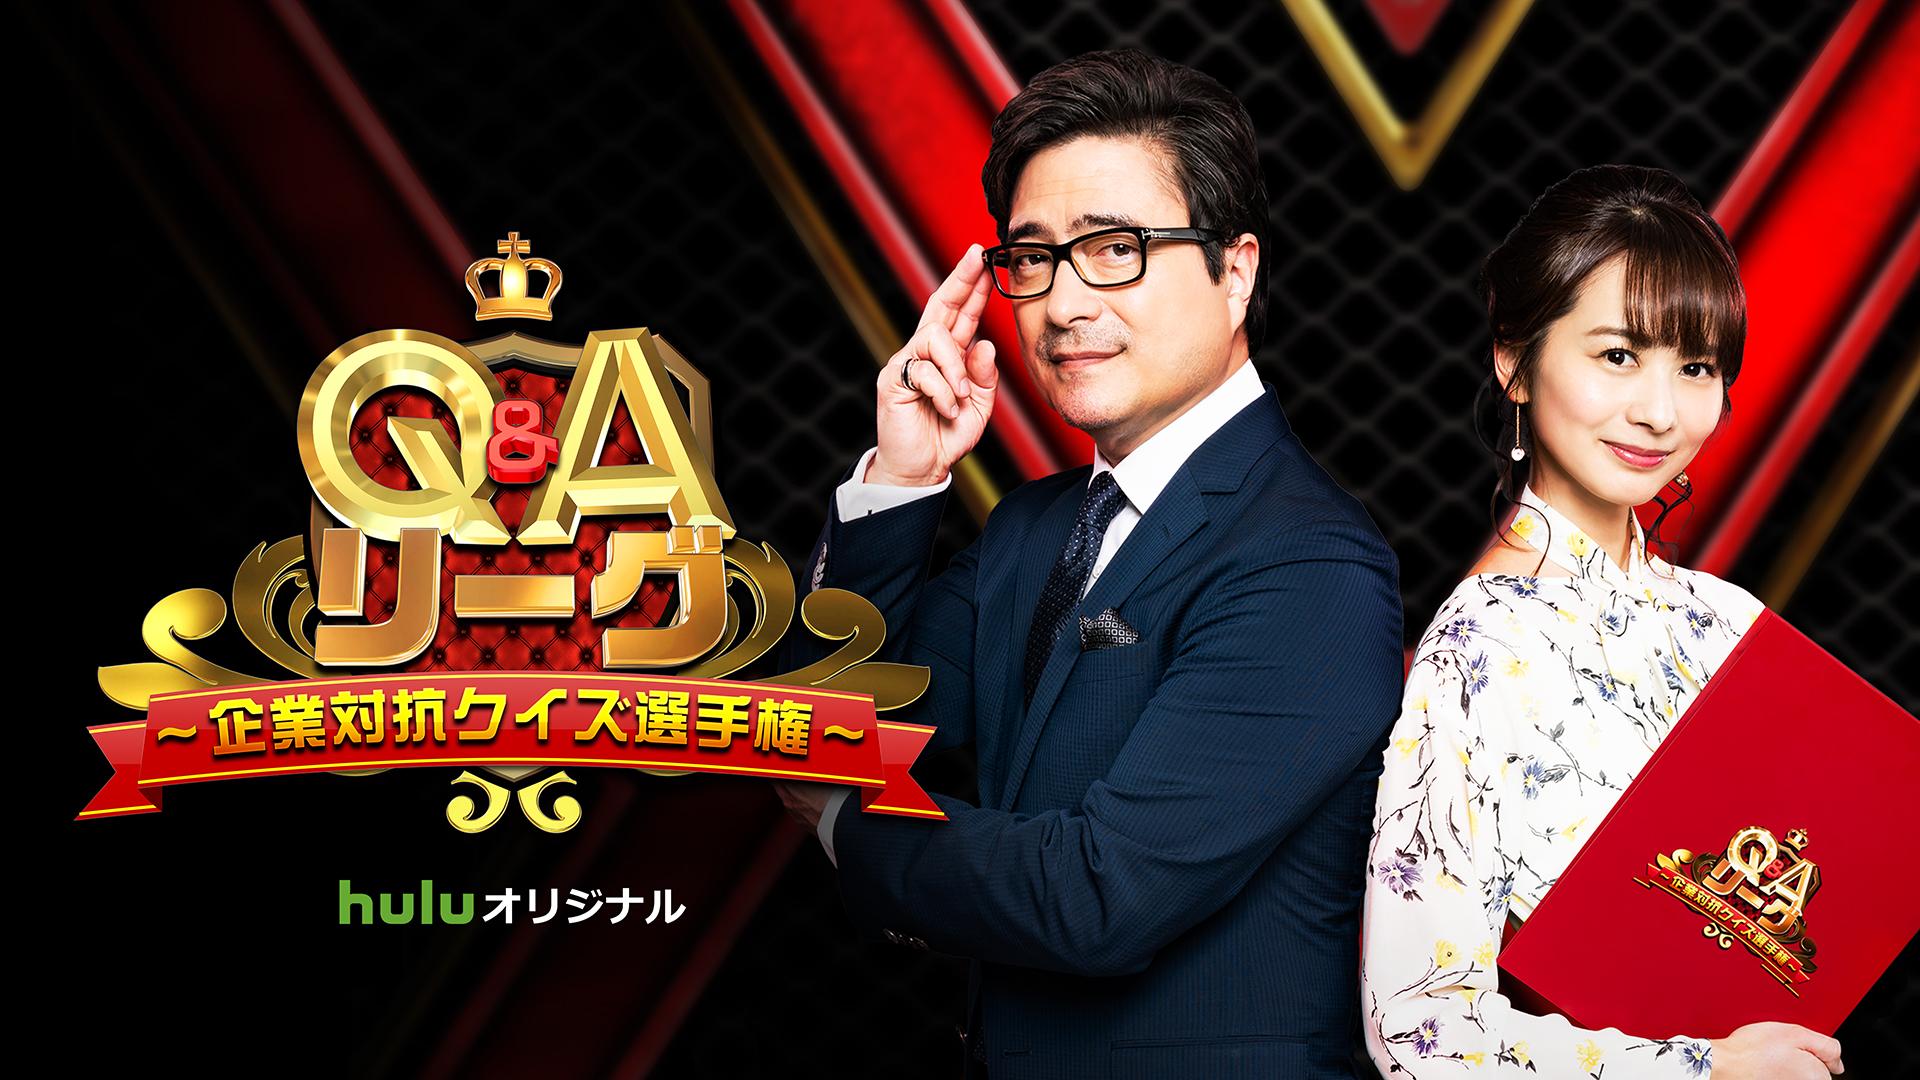 日本の大手企業10社が知力と組織力でナンバーワンの座を競うクイズ番組『Q&Aリーグ~企業対抗クイズ選手権~』開幕!